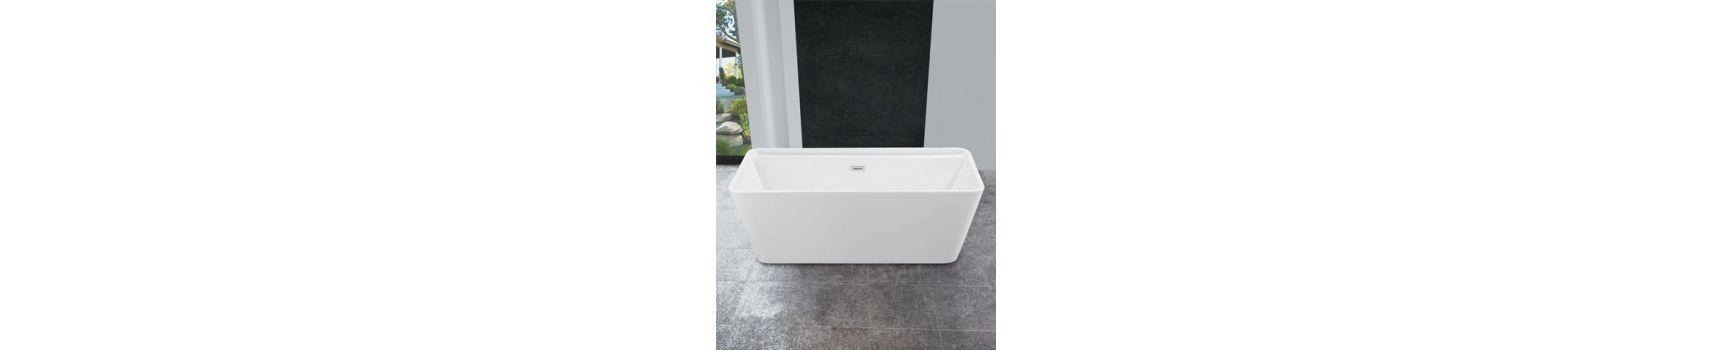 Vasche da bagno | Boleco